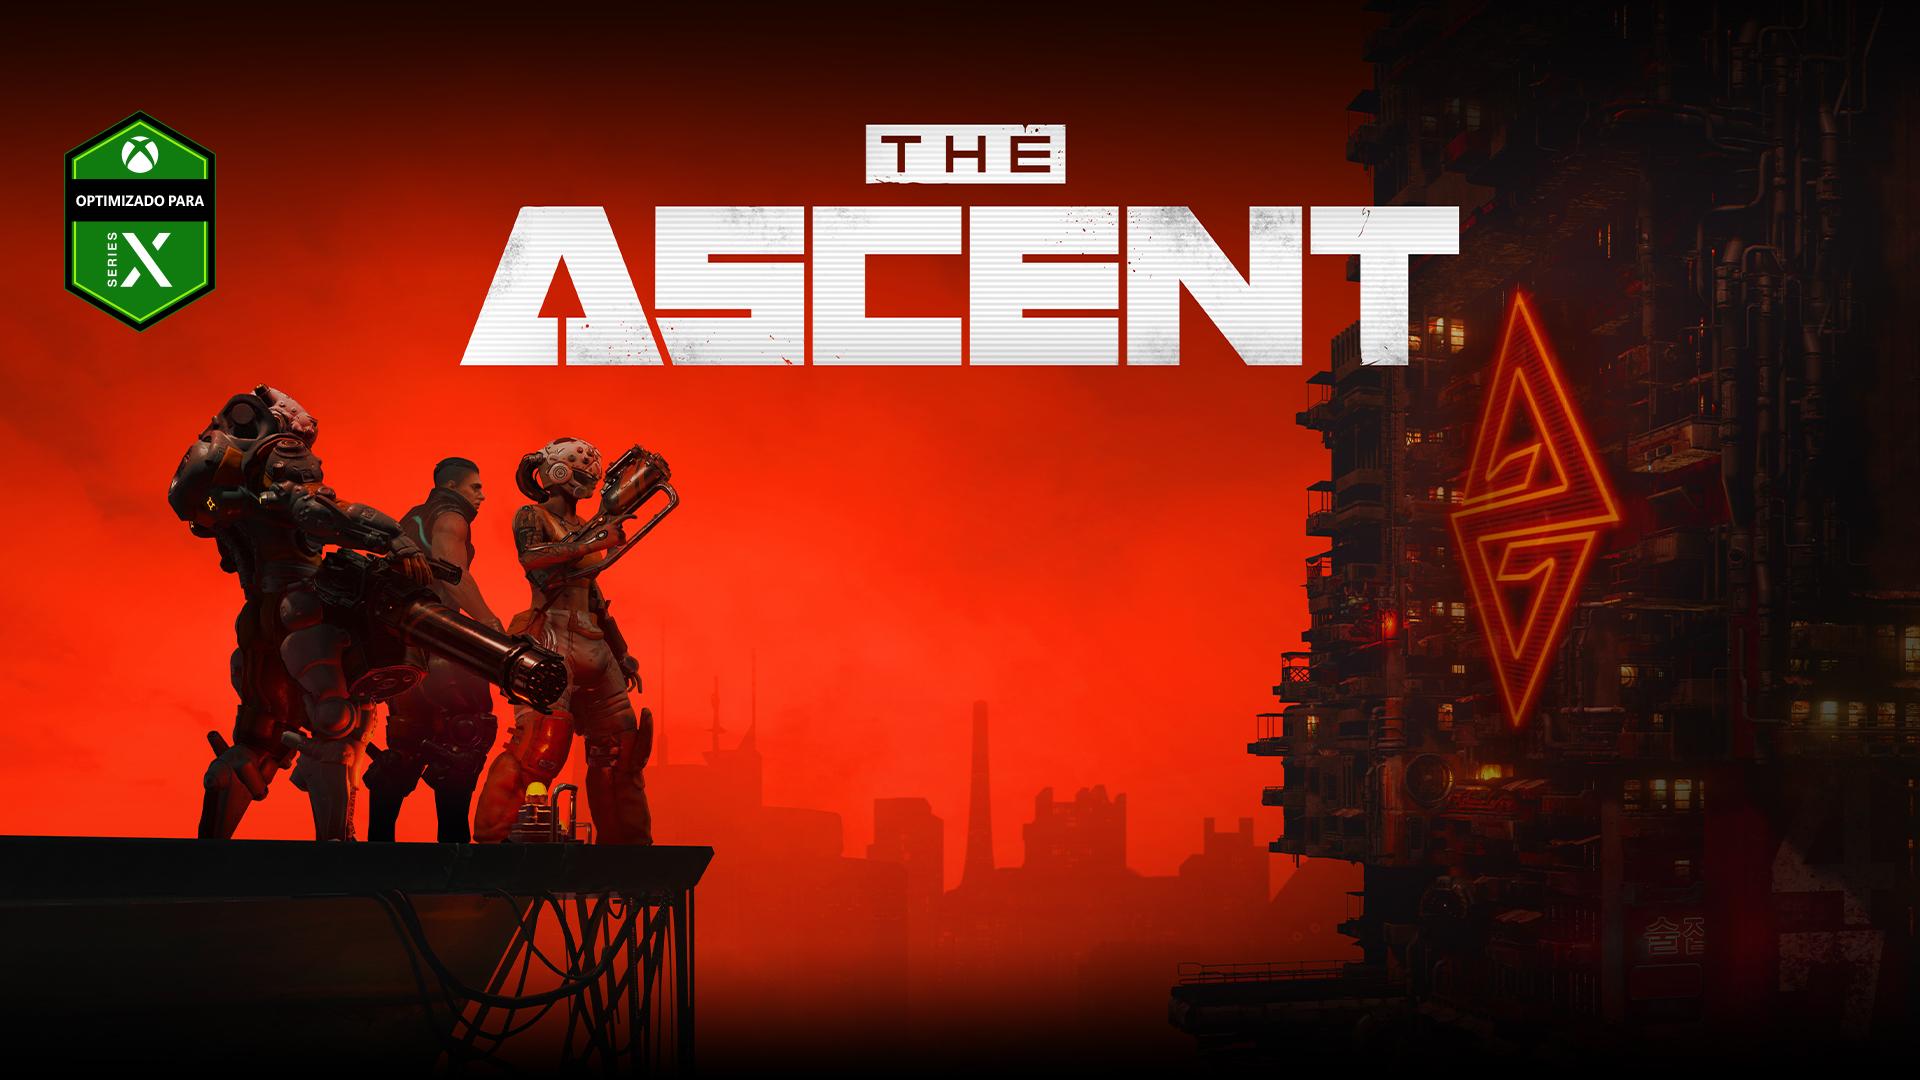 The Ascent, Optimizado para Xbox Series X, tres personajes en una plataforma contemplan un gran edificio industrial de estilo cyberpunk